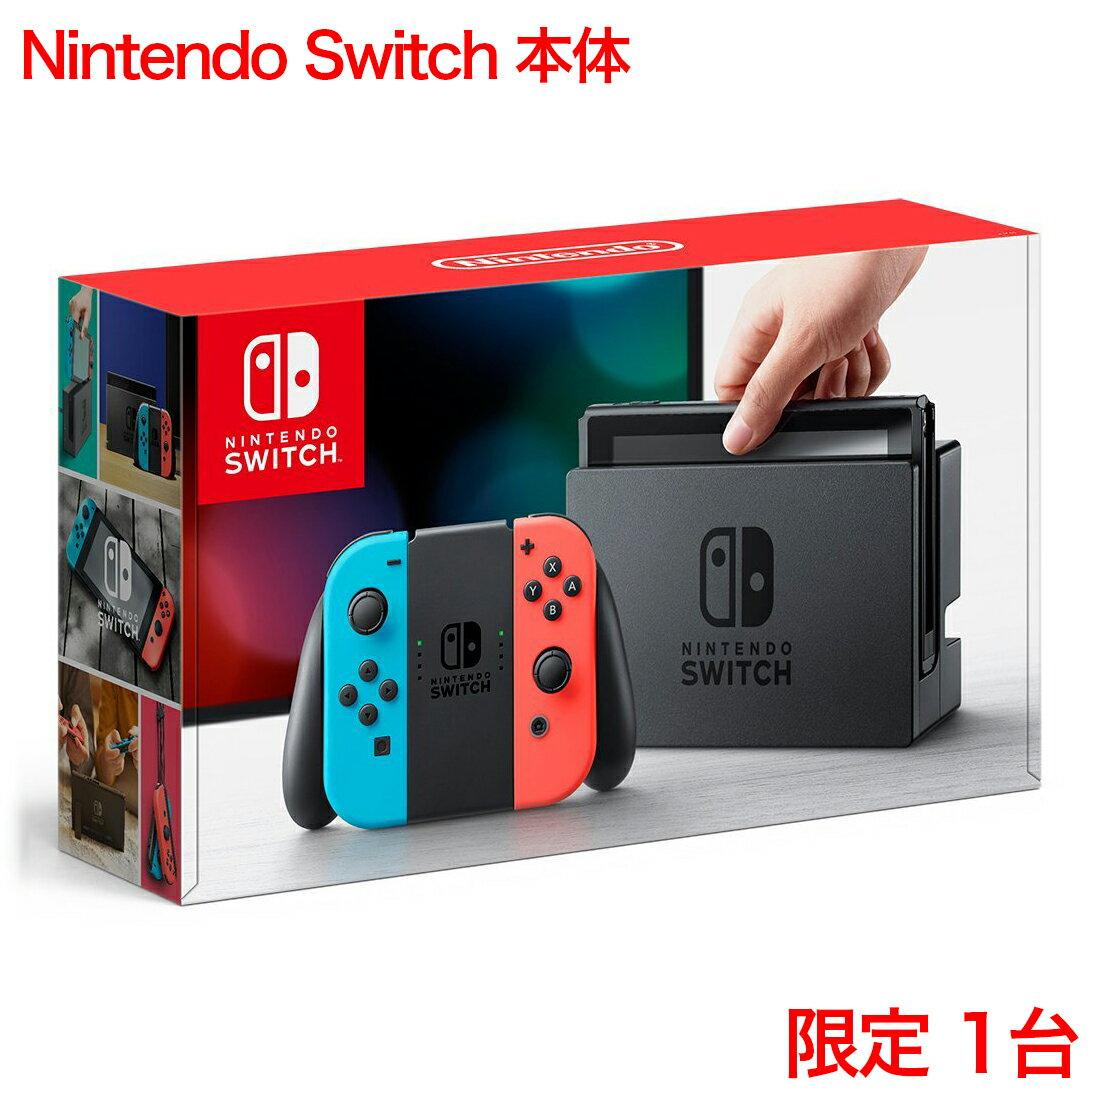 任天堂 Nintendo Switch Joy-Con(L) ネオンブルー/(R) ネオンレッド ニンテンドースイッチ本体 4902370535716 新品 未開封